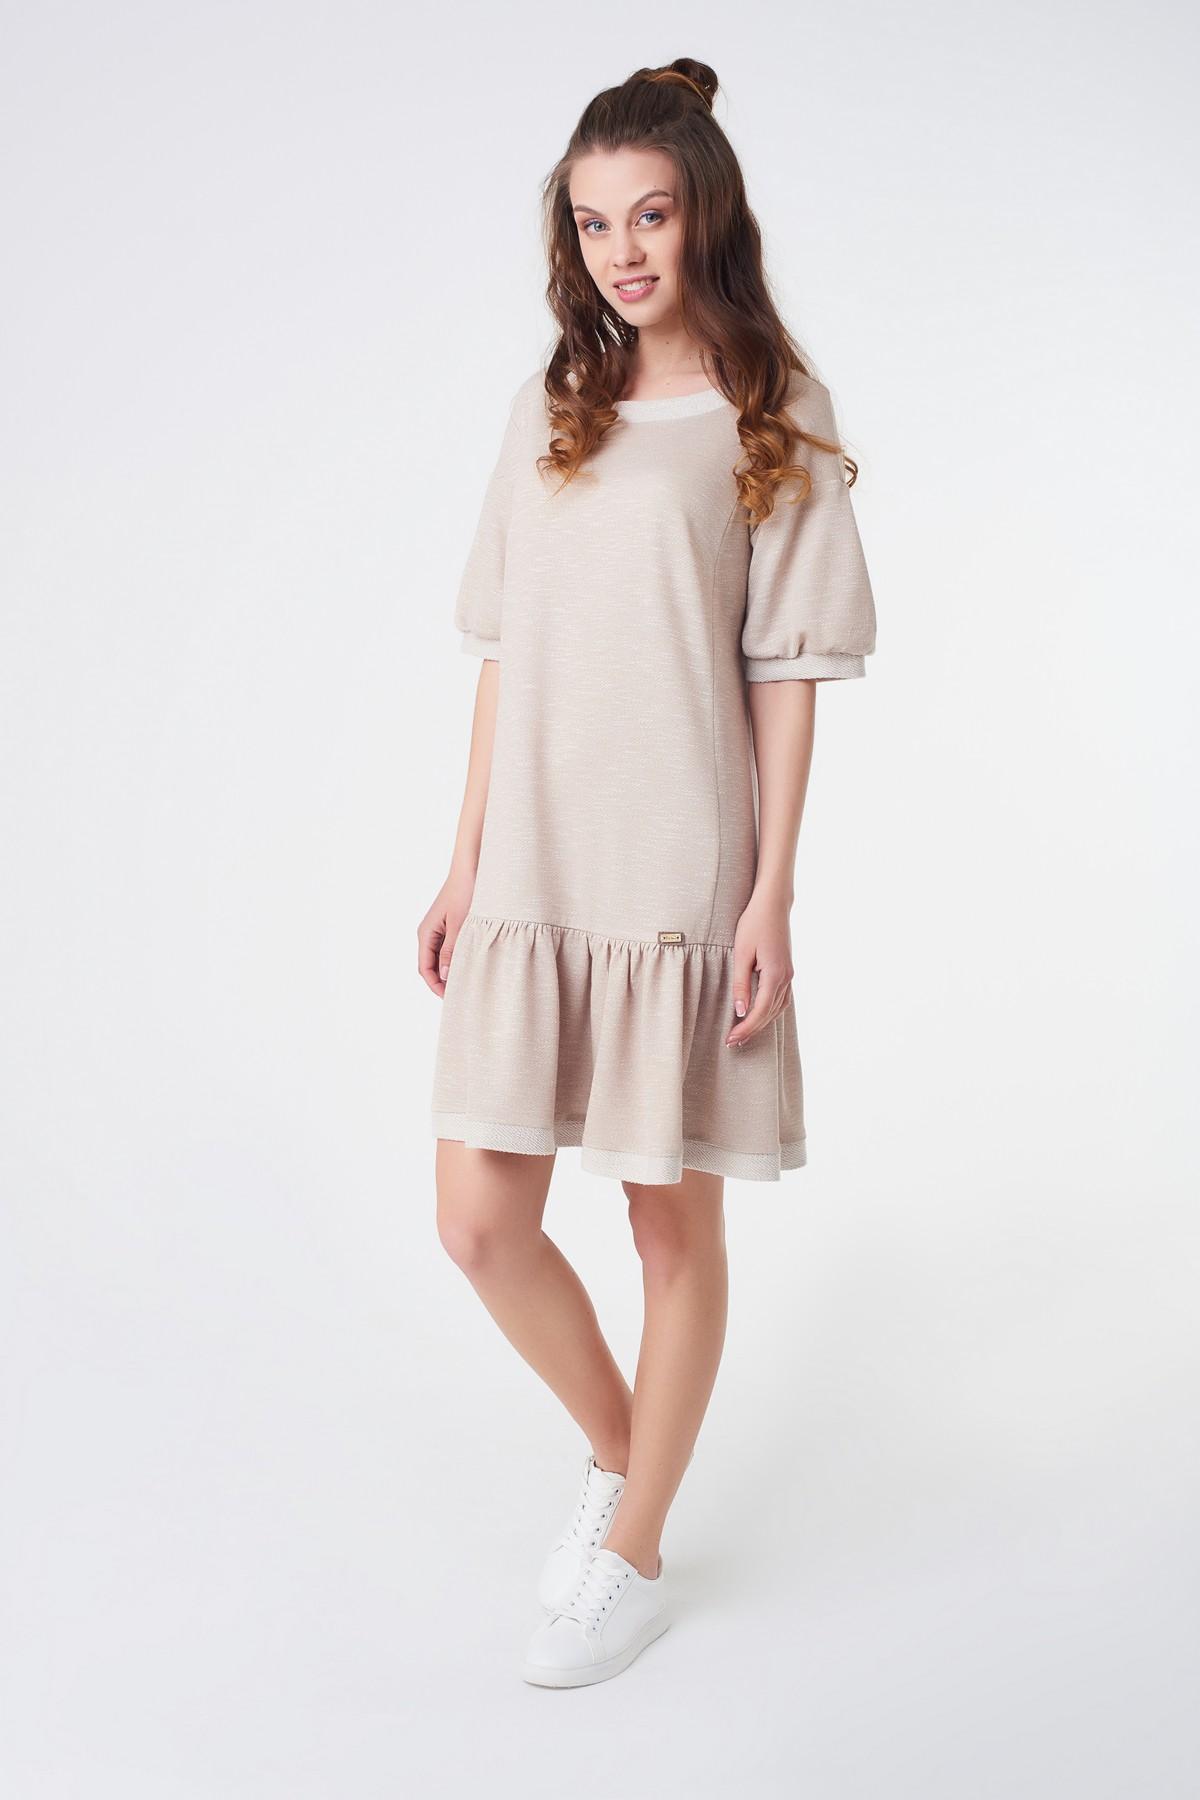 616a58f8caa8 Купить Спортивное платье с воланами в интернет-магазине RicaMare по ...